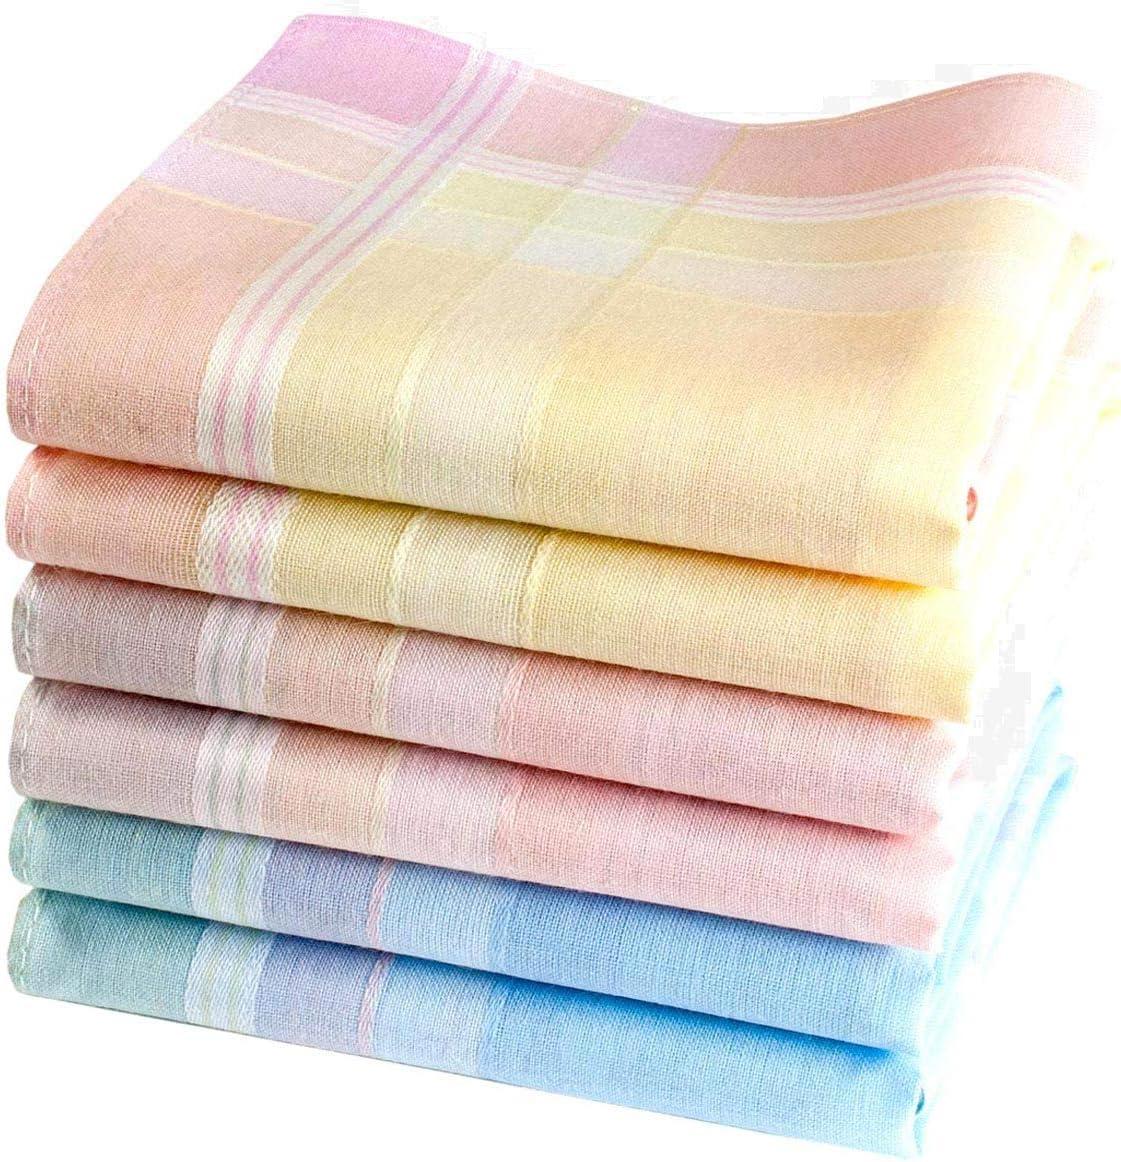 100/% Coton Mod/èle Elise Merrysquare Mouchoirs Femme Multicolores Petite Taille 29cm 6 Pi/èces